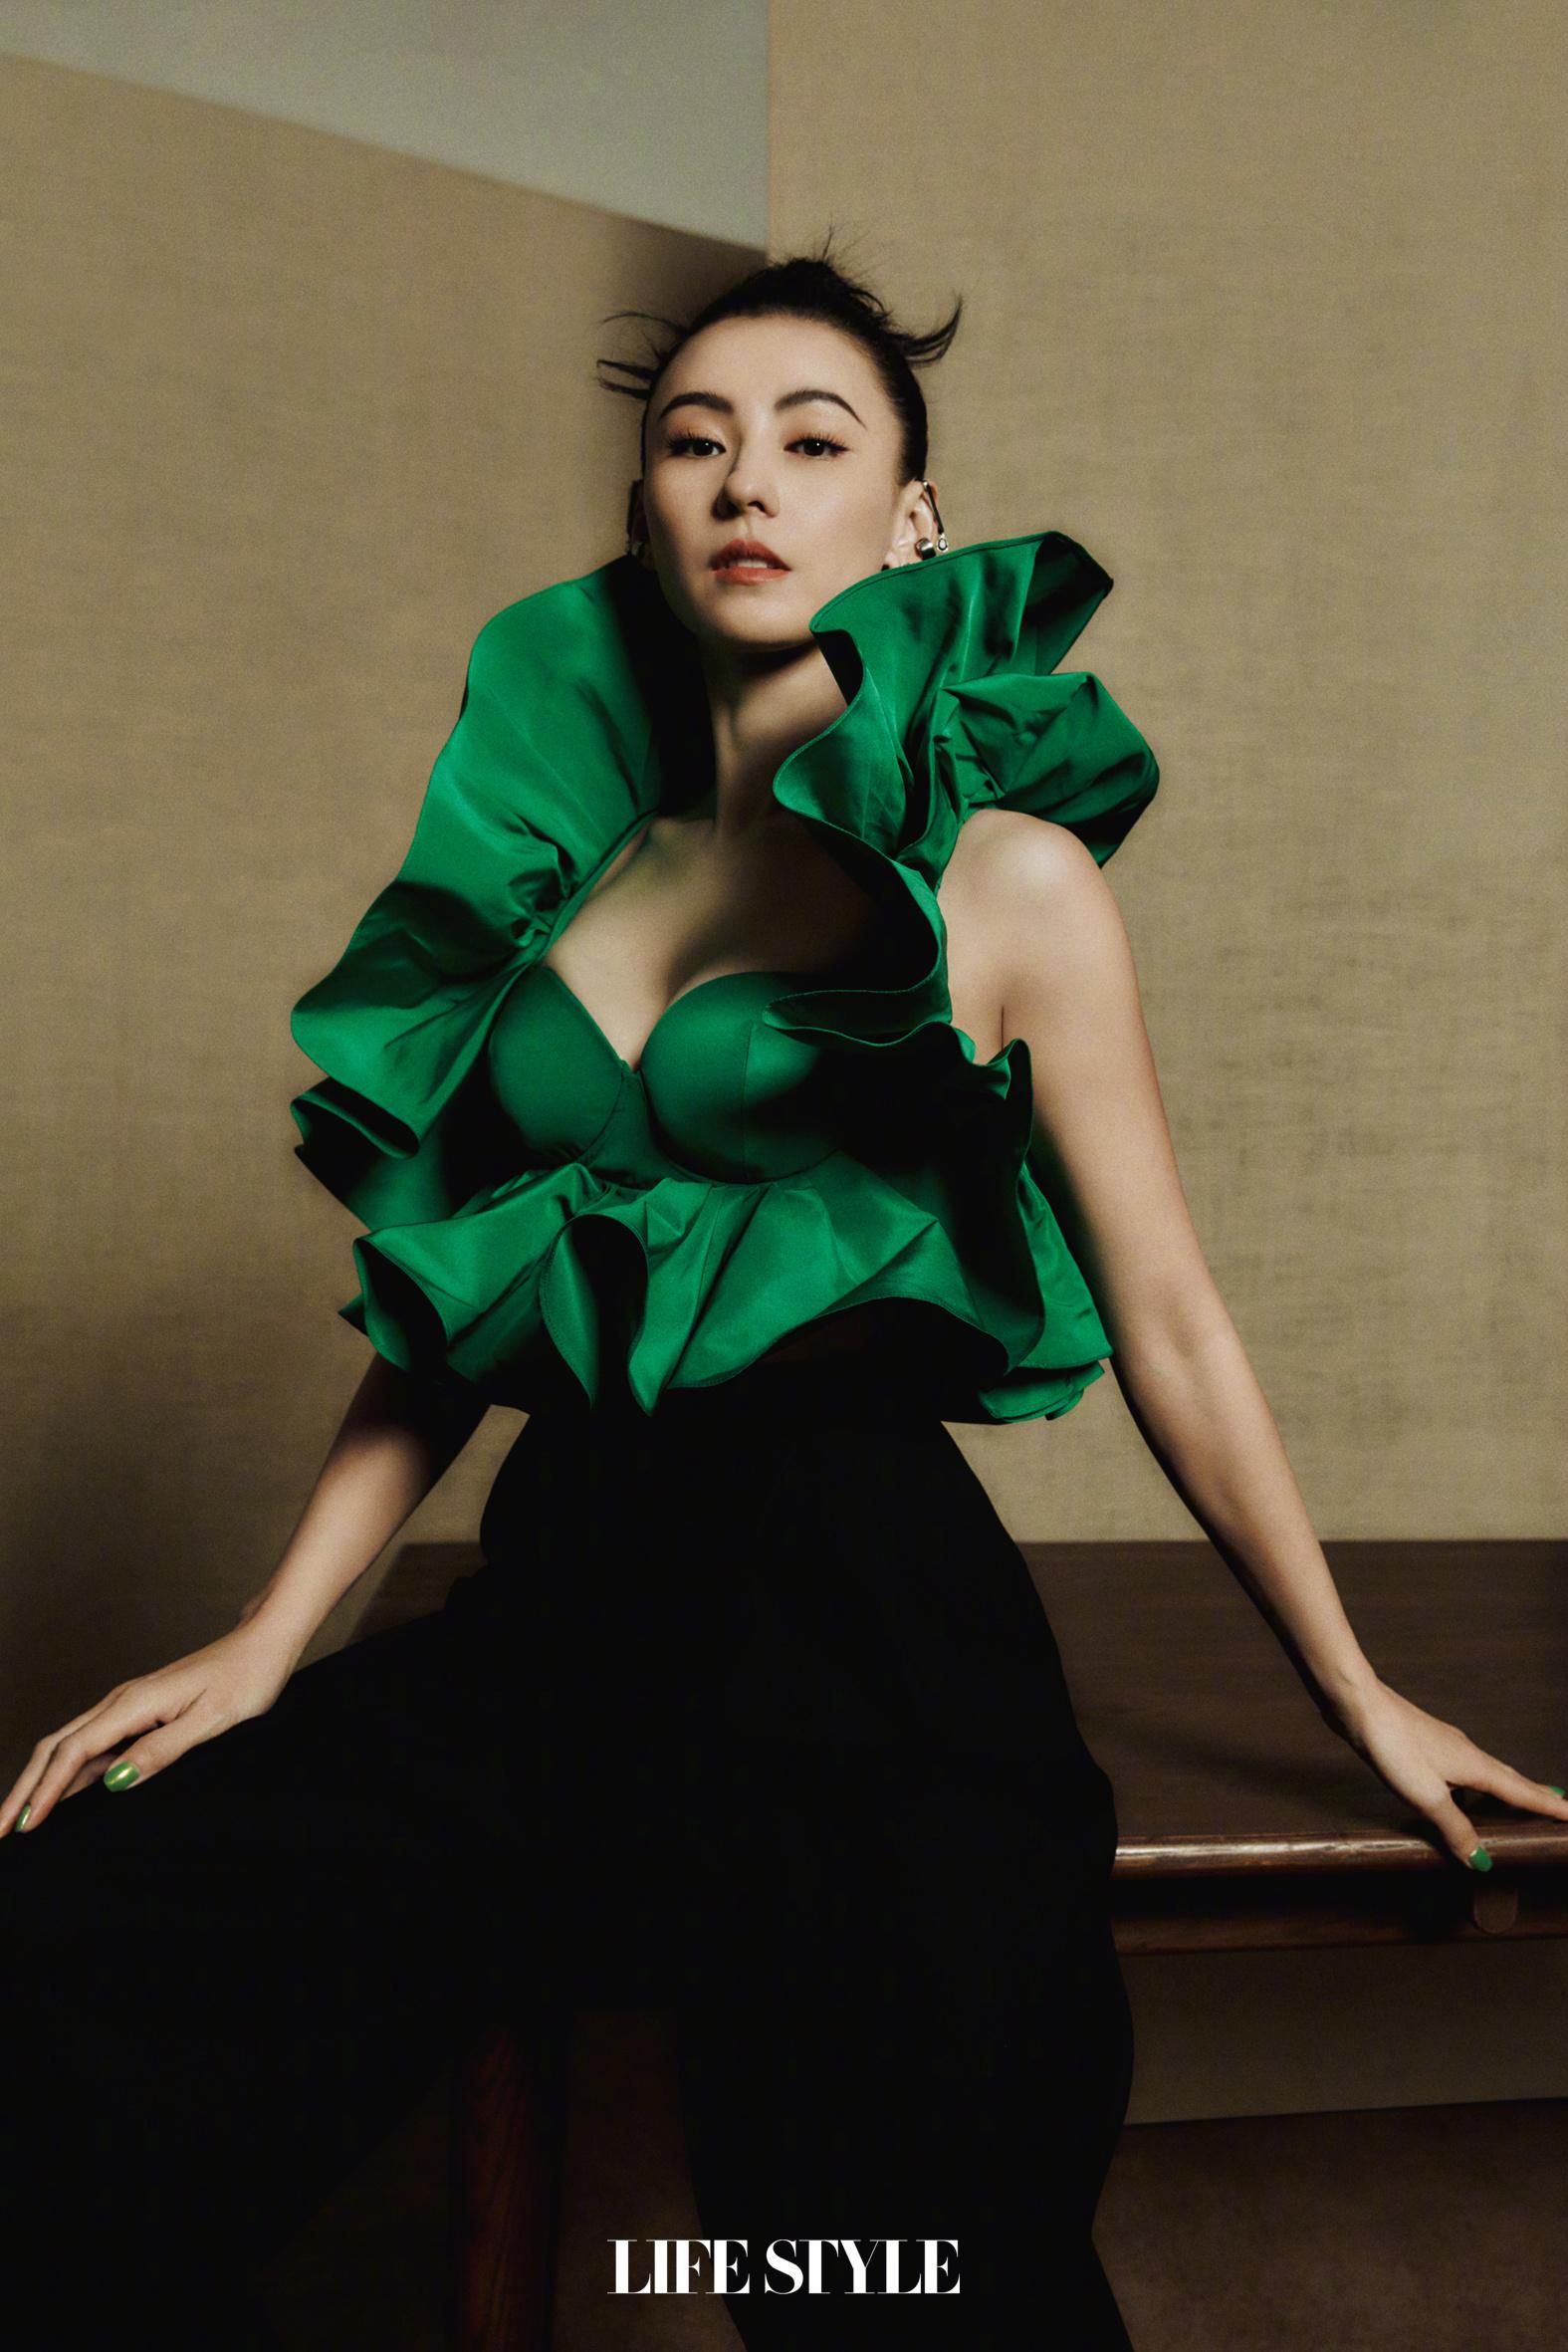 Mẫu áo bèo nhún màu xanh lá của Alexander McQueen đang được nhiều mỹ nhân Cbiz diện lên tạp chí gần đây. Trương Bá Chi khoe đẳng cấp chị đại với thần thái sang trọng ngút ngàn. Mẫu áo này có thiết kế không hề dễ mặc nhưng vẫn được Trương Bá Chi diện đẹp xuất sắc.